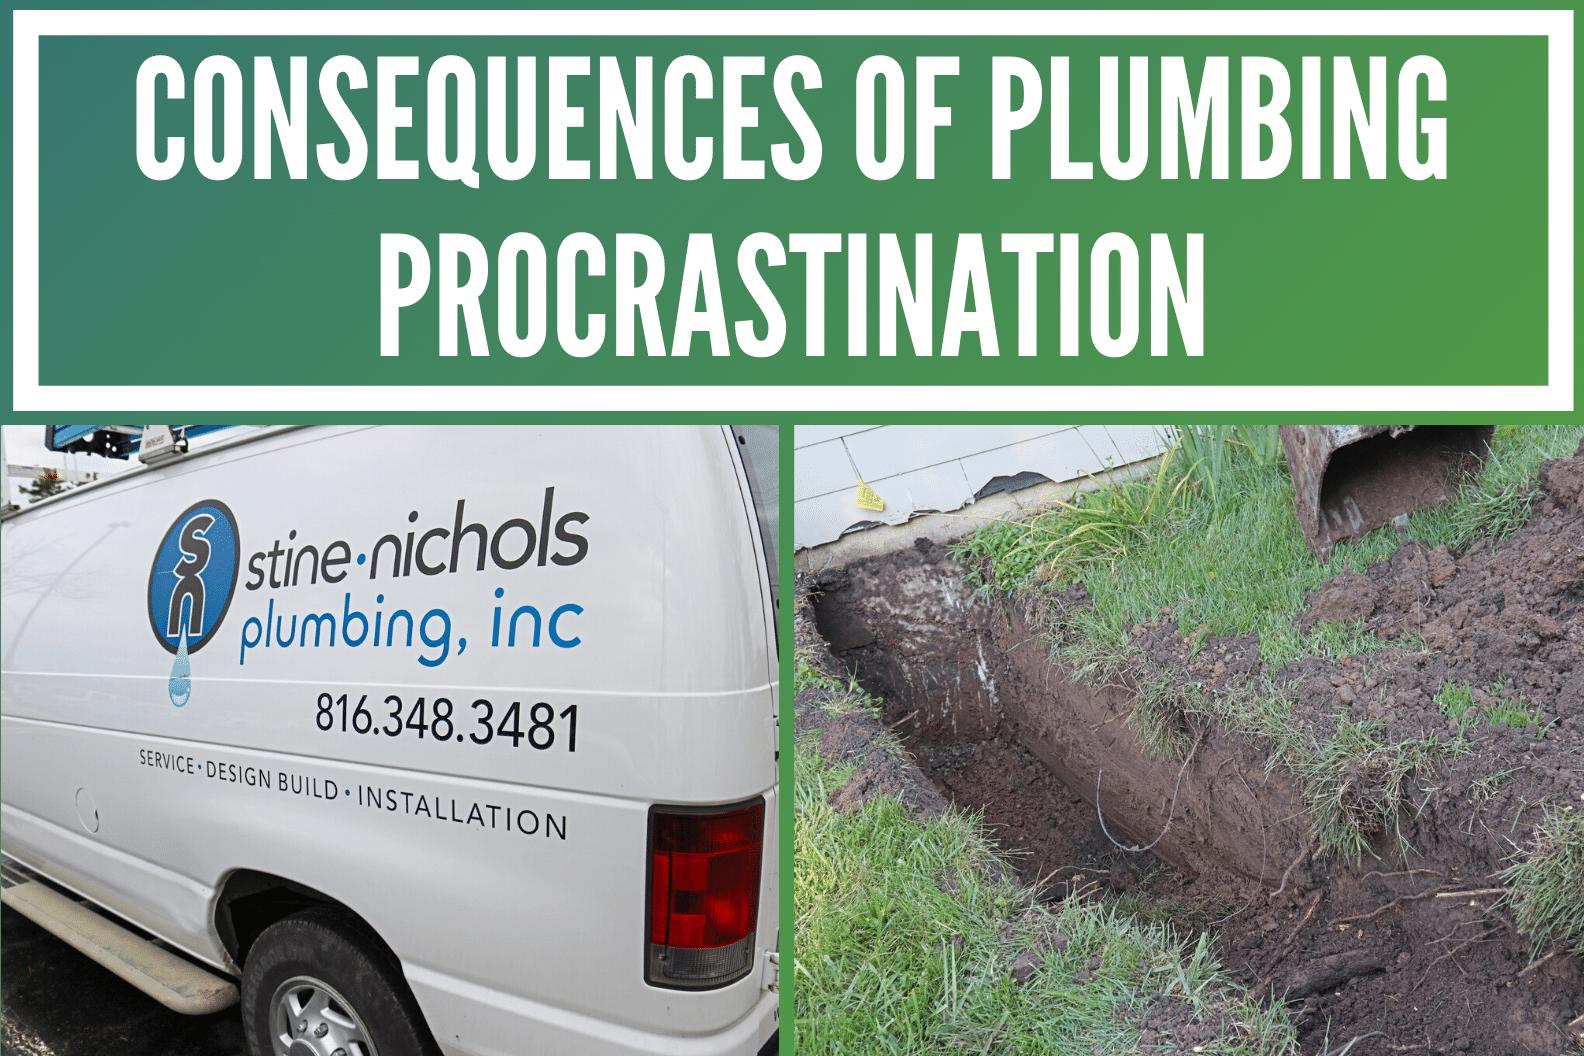 Technician Van for Stine-Nichols Plumbing